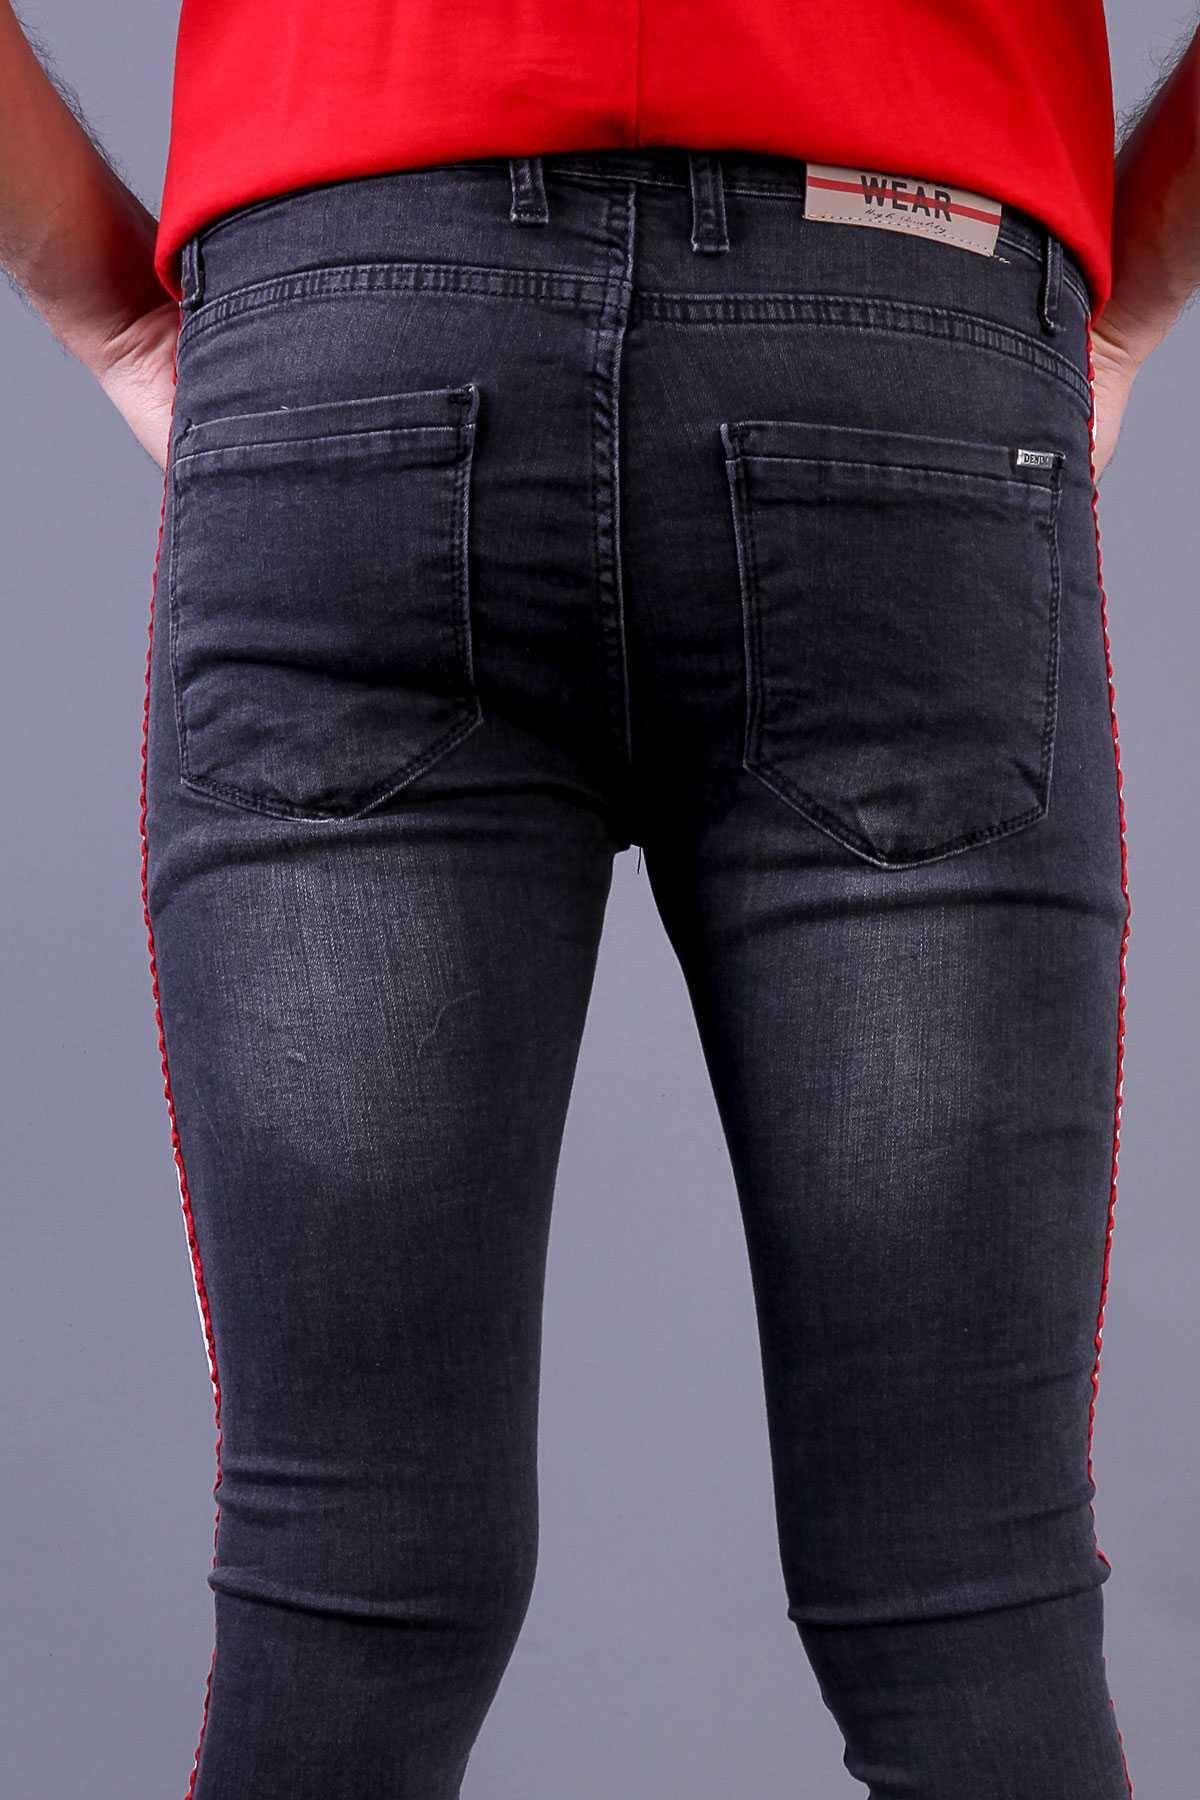 Yanı Çift Şeritli Hafif Taşlamalı Bilek Boy Slim Fit Kot Pantolon Antrasit